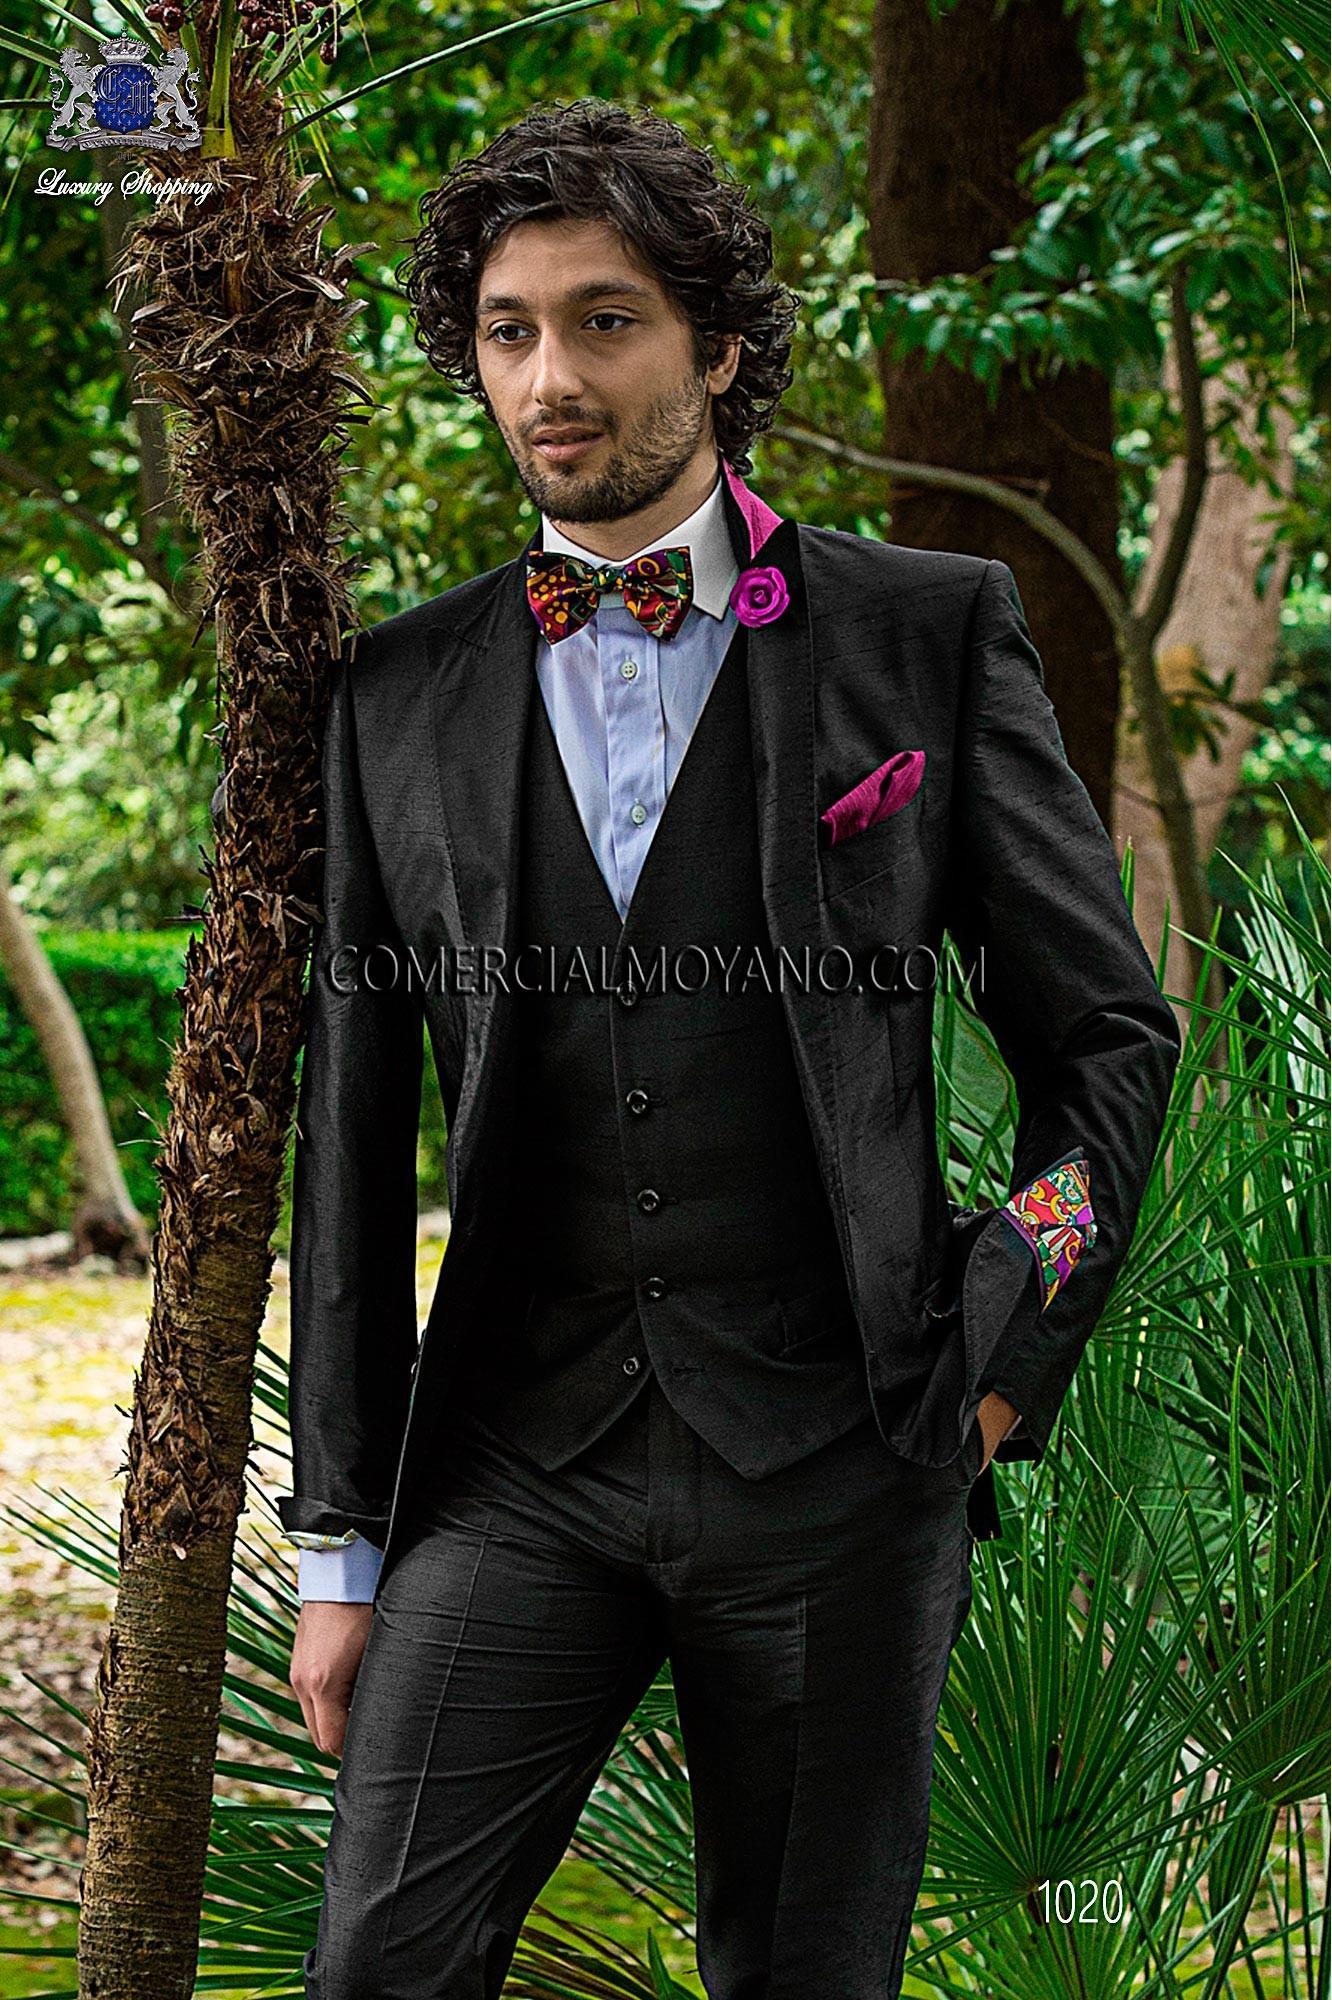 Traje Hipster de novio negro modelo: 1020 Ottavio Nuccio Gala colección Hipster